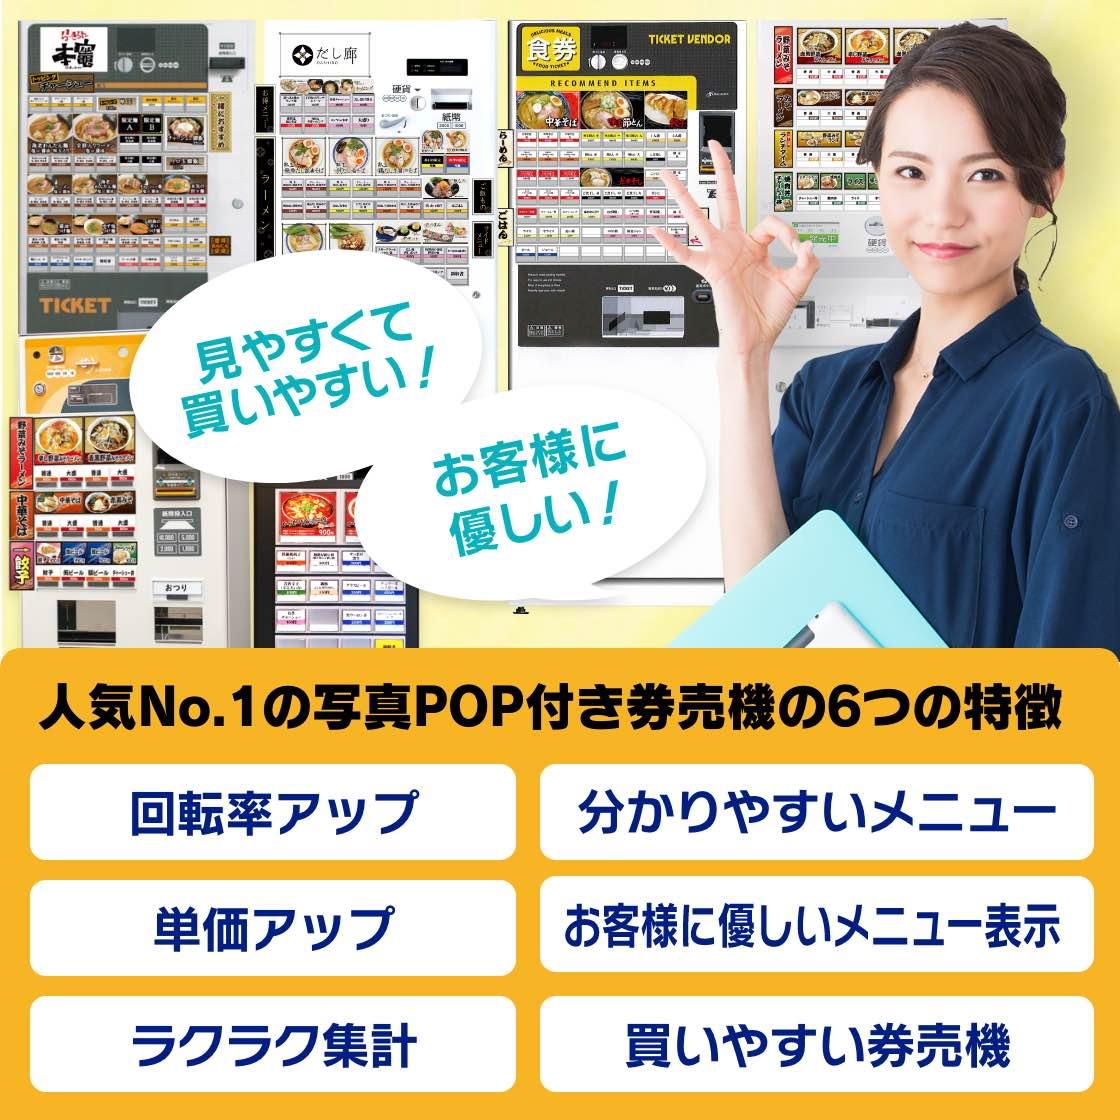 回転率アップ/分かりやすいメニュー/単価アップ/お客様にやさしいメニュー表示/ラクラク集計/買いやすい券売機